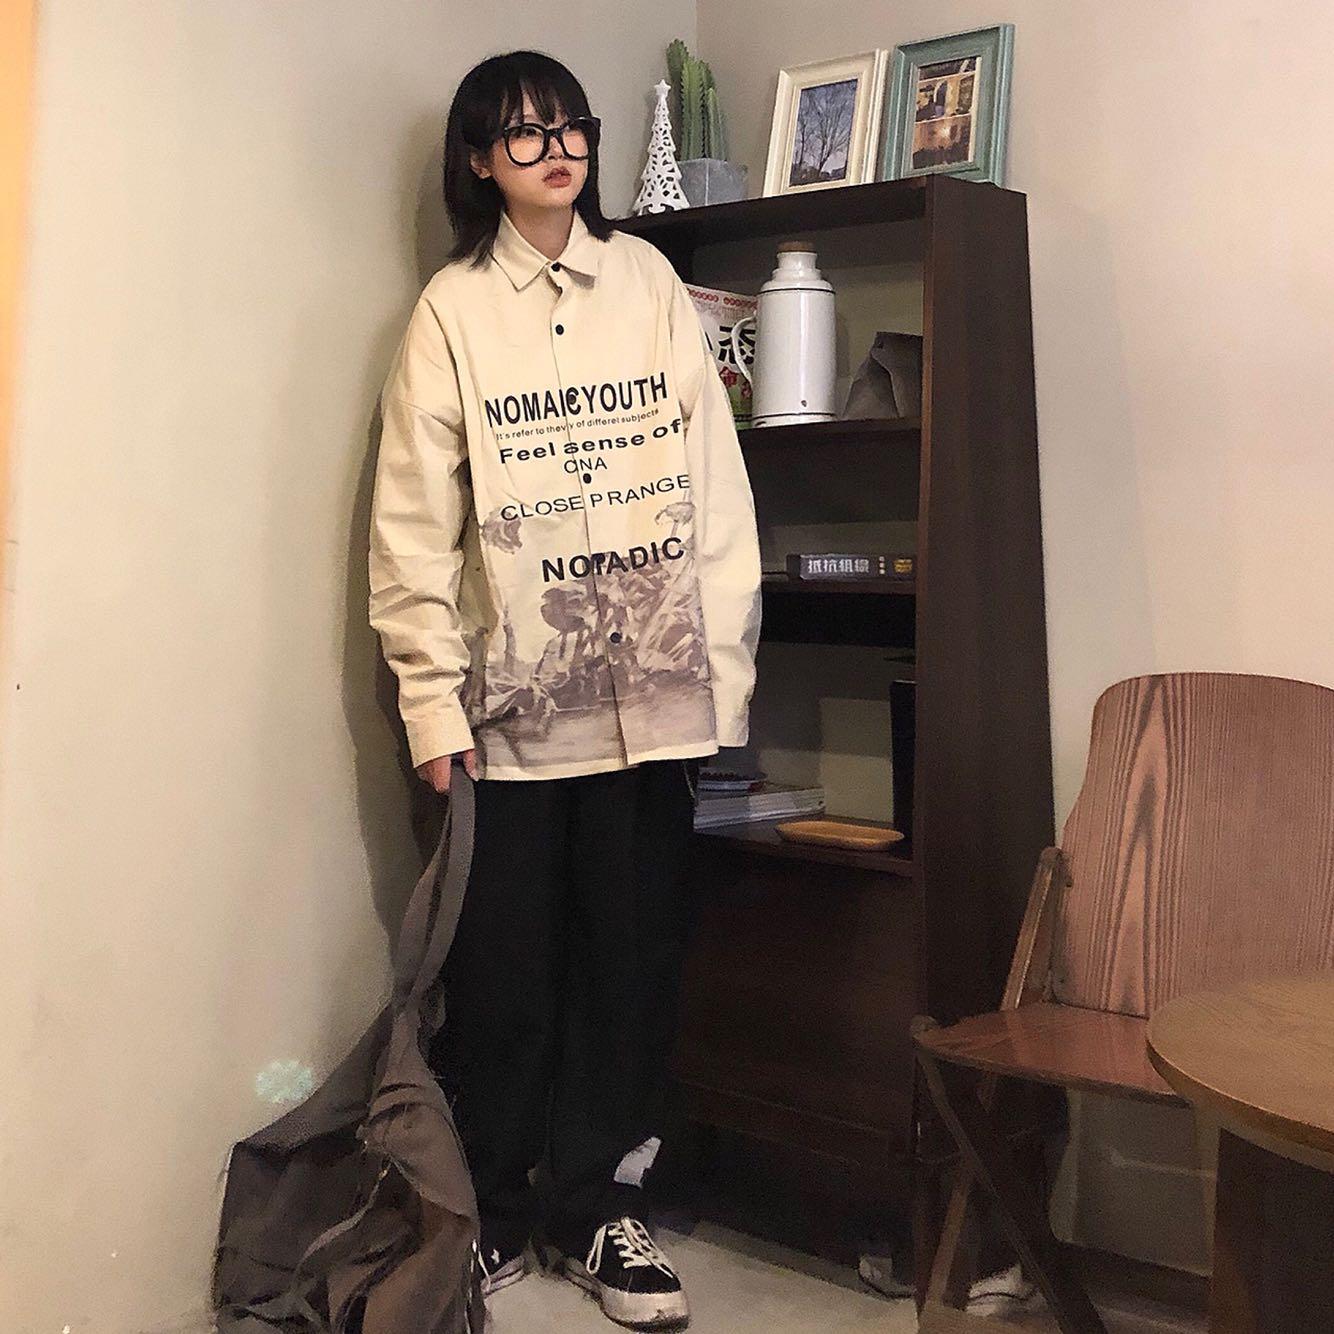 白衬衫 Take off咖喱人工装涂鸦衬衣宽松日系复古男女街头百搭白衬衫小众_推荐淘宝好看的女白衬衫